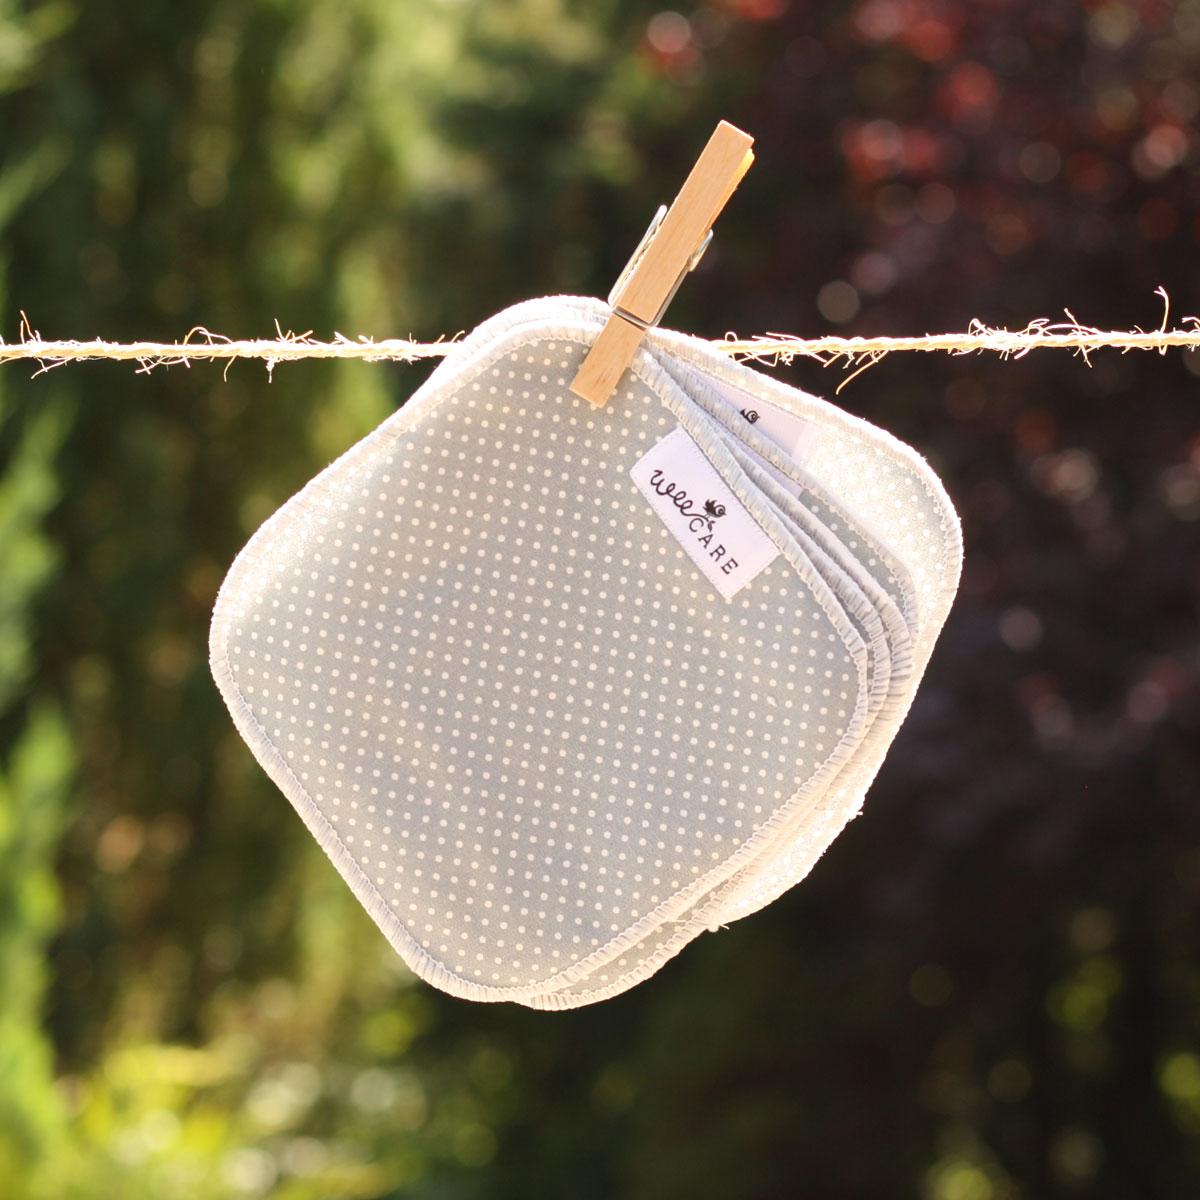 Stofklude fra WeeCare hænger til tørre ude i naturen på en snor.